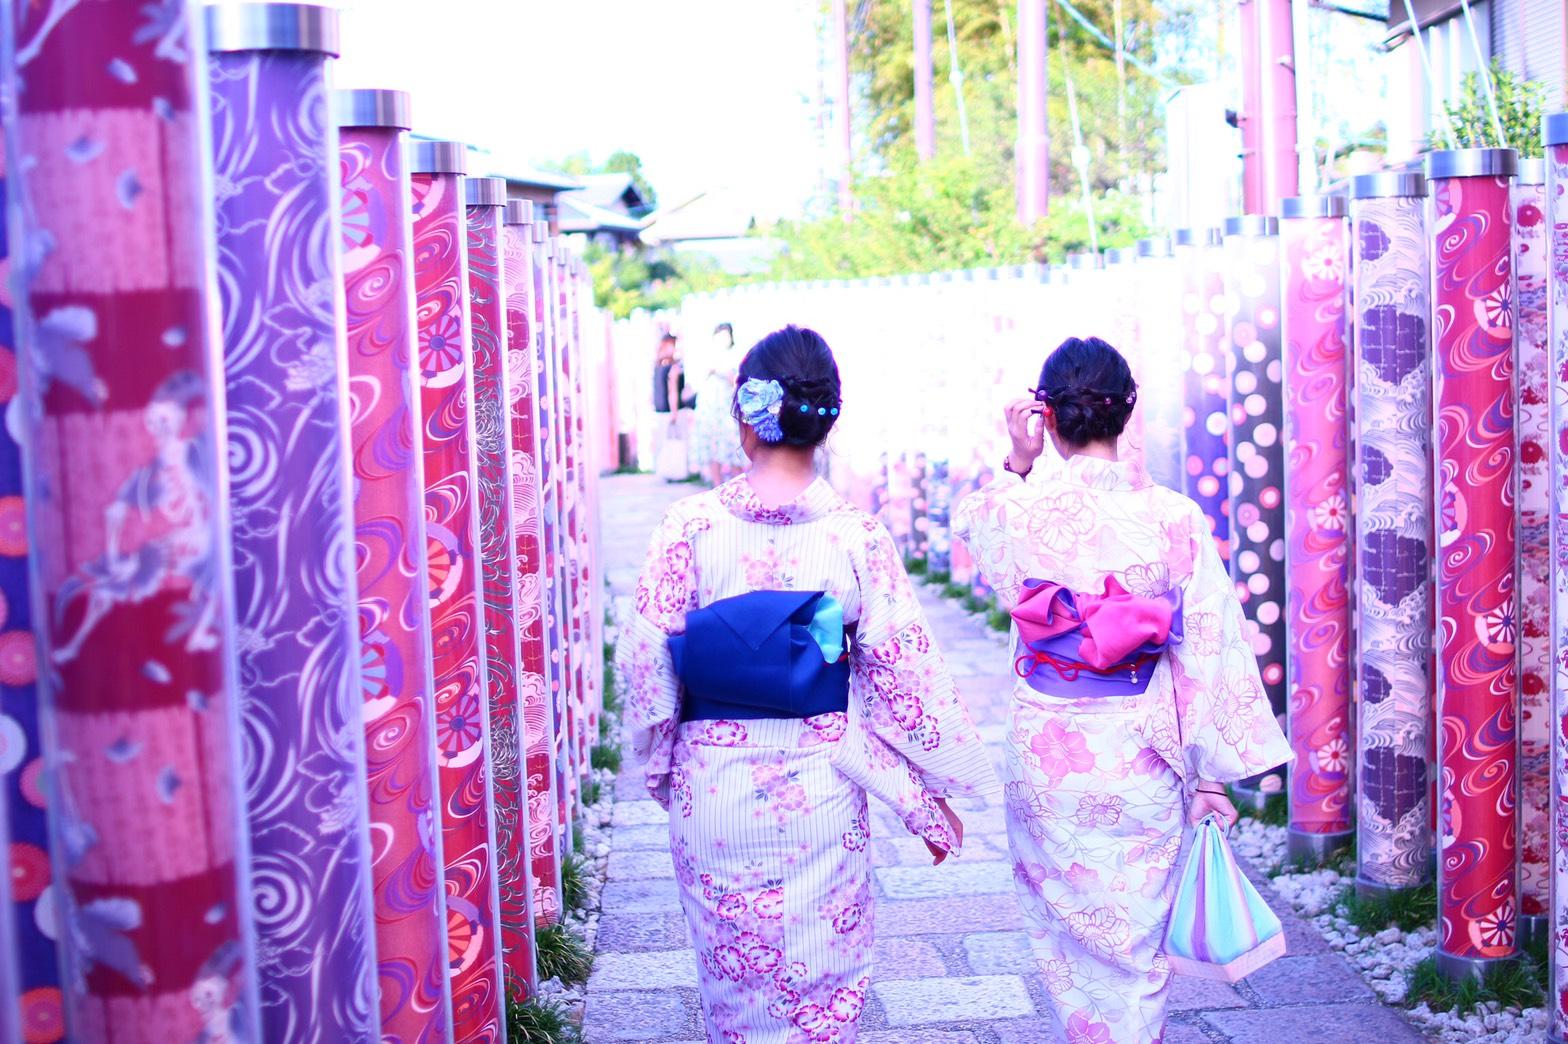 夏休みに京都で浴衣レンタル♪2019年8月12日13